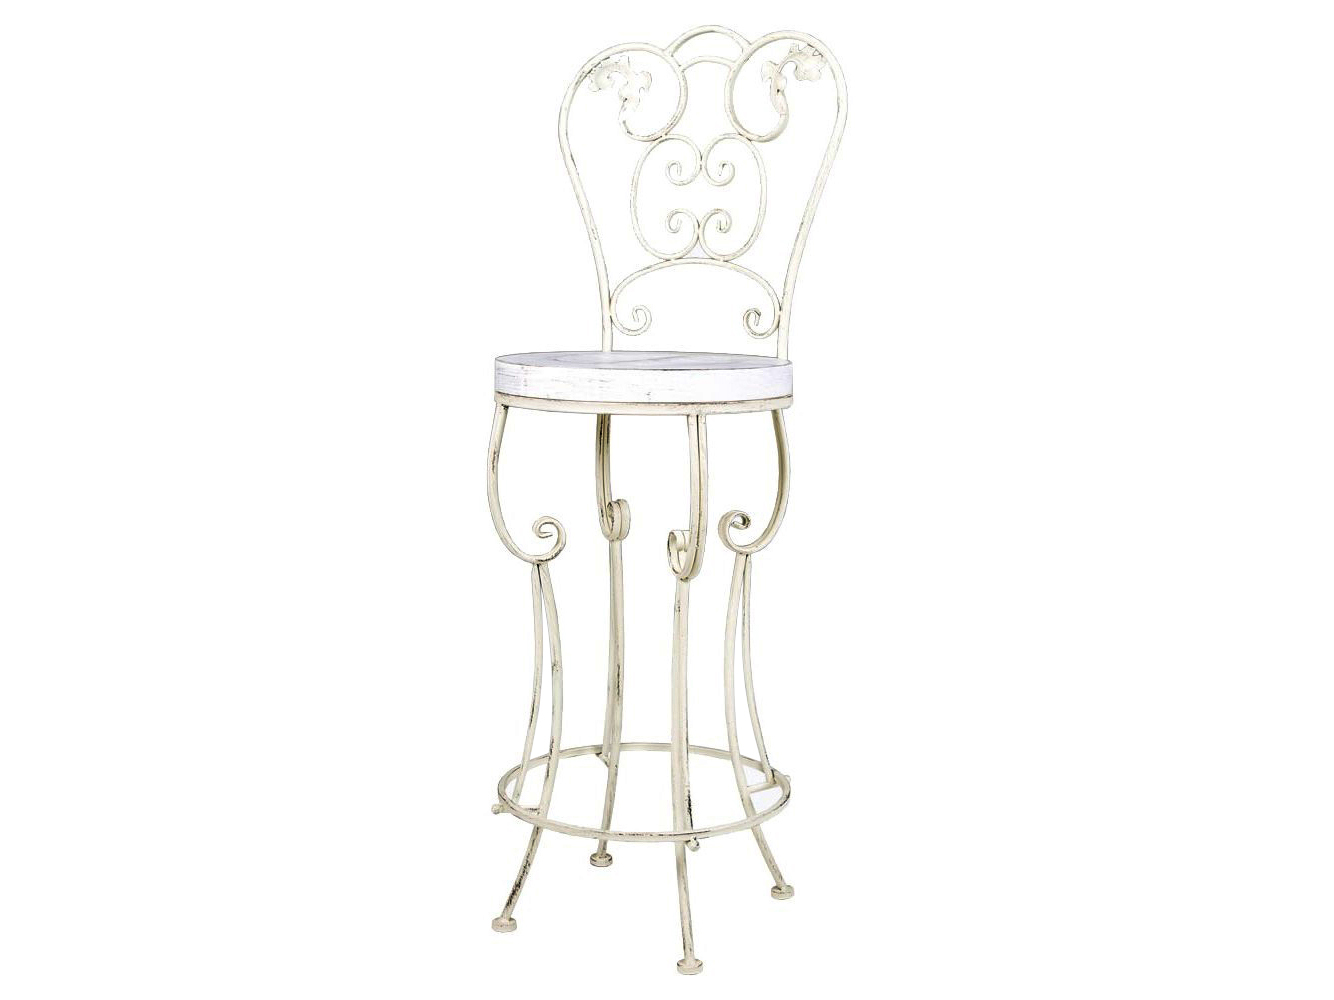 Барный стул БолероБарные стулья<br>Барный стул &amp;quot;Болеро&amp;quot;, виртуозно объединивший пышный узор классицизма с сиденьем &amp;quot;хай-тек&amp;quot;, равноправен среди любых интерьерных жанров, ценящих оригинальность и стиль. Он обогатит Ваш интерьер авангардным стилем и дополнительным гостевым удобством. Барный стул «Болеро» имеет элегантную стройную форму. Оснащенный ярусной опорой для ног, он весьма уместен в кабинете и столовой, на веранде и в детской комнате. Непременным условием барного стула является декоративный дизайн. Изготовленный из металла, стул прочен, неприхотлив в уходе.<br><br>&amp;lt;div&amp;gt;&amp;lt;br&amp;gt;&amp;lt;/div&amp;gt;&amp;lt;iframe width=&amp;quot;530&amp;quot; height=&amp;quot;315&amp;quot; src=&amp;quot;https://www.youtube.com/embed/CPT6ERkaX1Y&amp;quot; frameborder=&amp;quot;0&amp;quot; allowfullscreen=&amp;quot;&amp;quot;&amp;gt;&amp;lt;/iframe&amp;gt;<br><br>Material: Металл<br>Ширина см: 40.0<br>Высота см: 120.0<br>Глубина см: 40.0